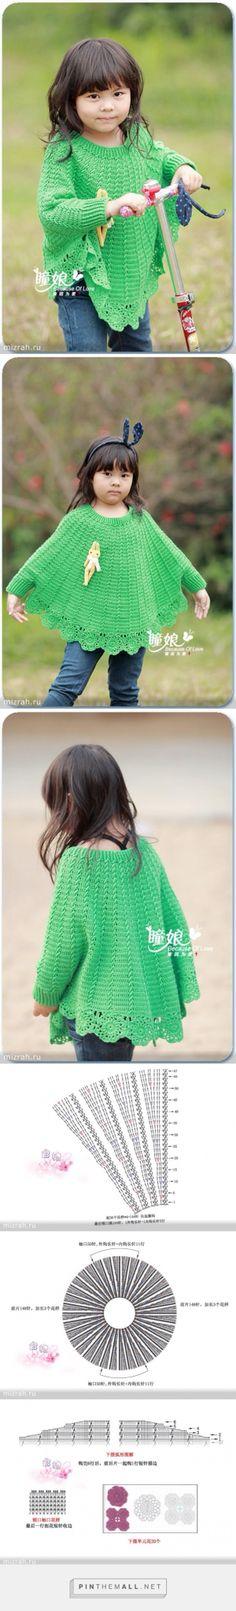 Crochet kid poncho